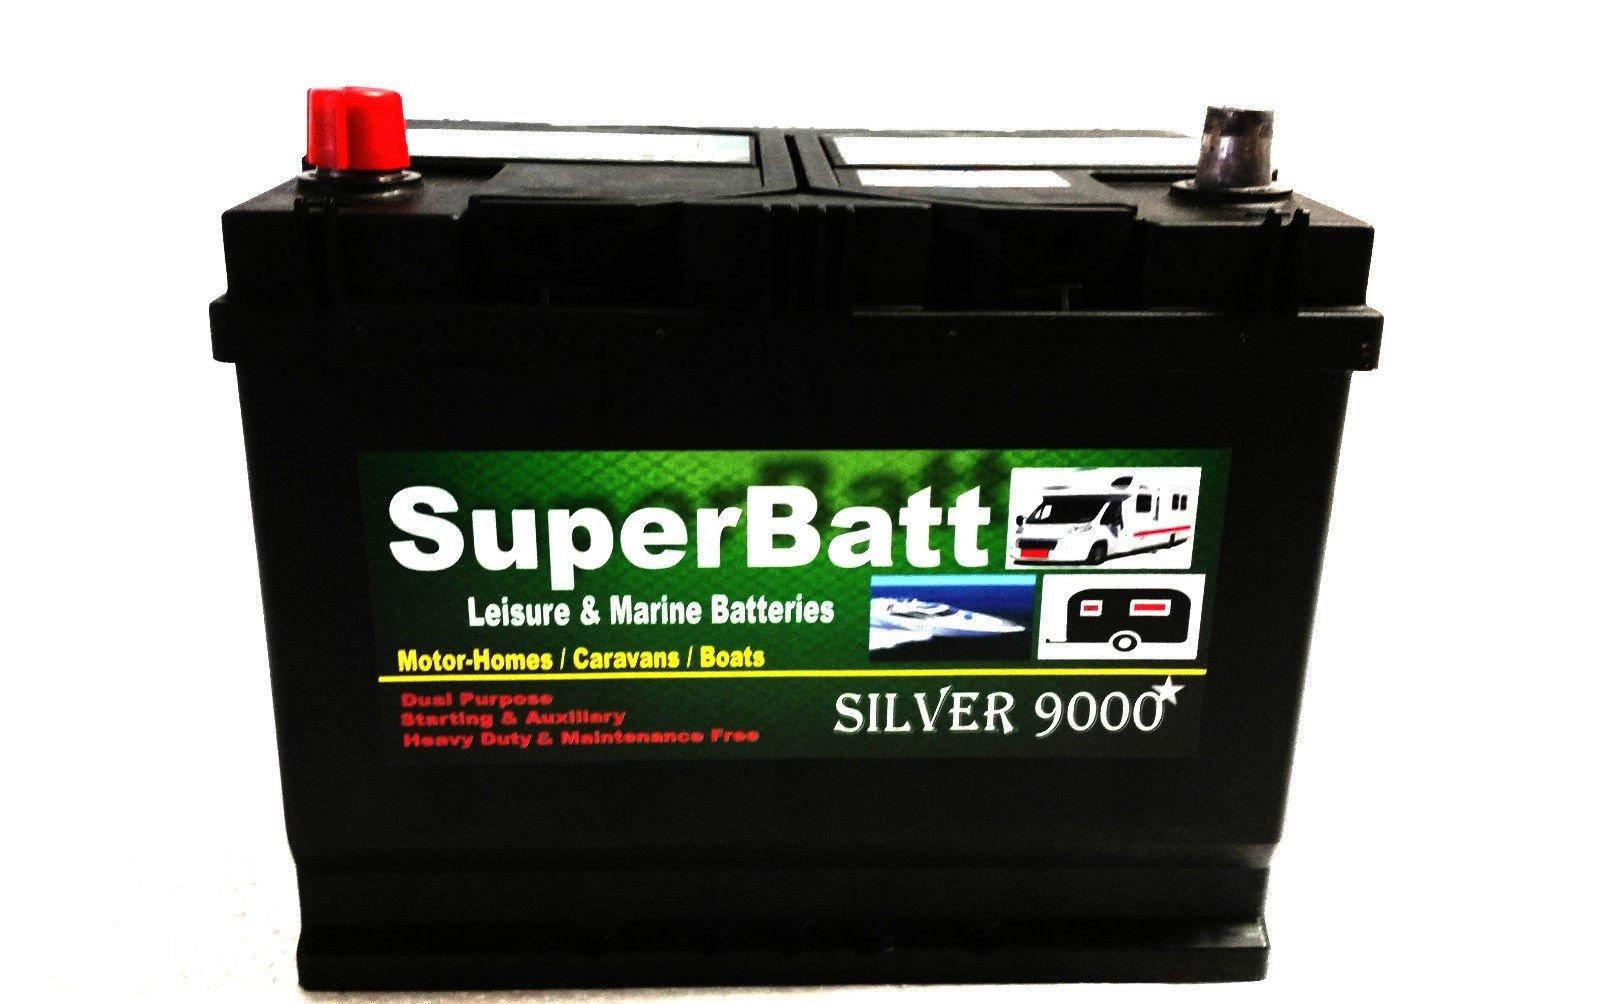 SuperBatt 12V 85AH CB22MF Leisure Battery Caravan Motorhome Marine Boat